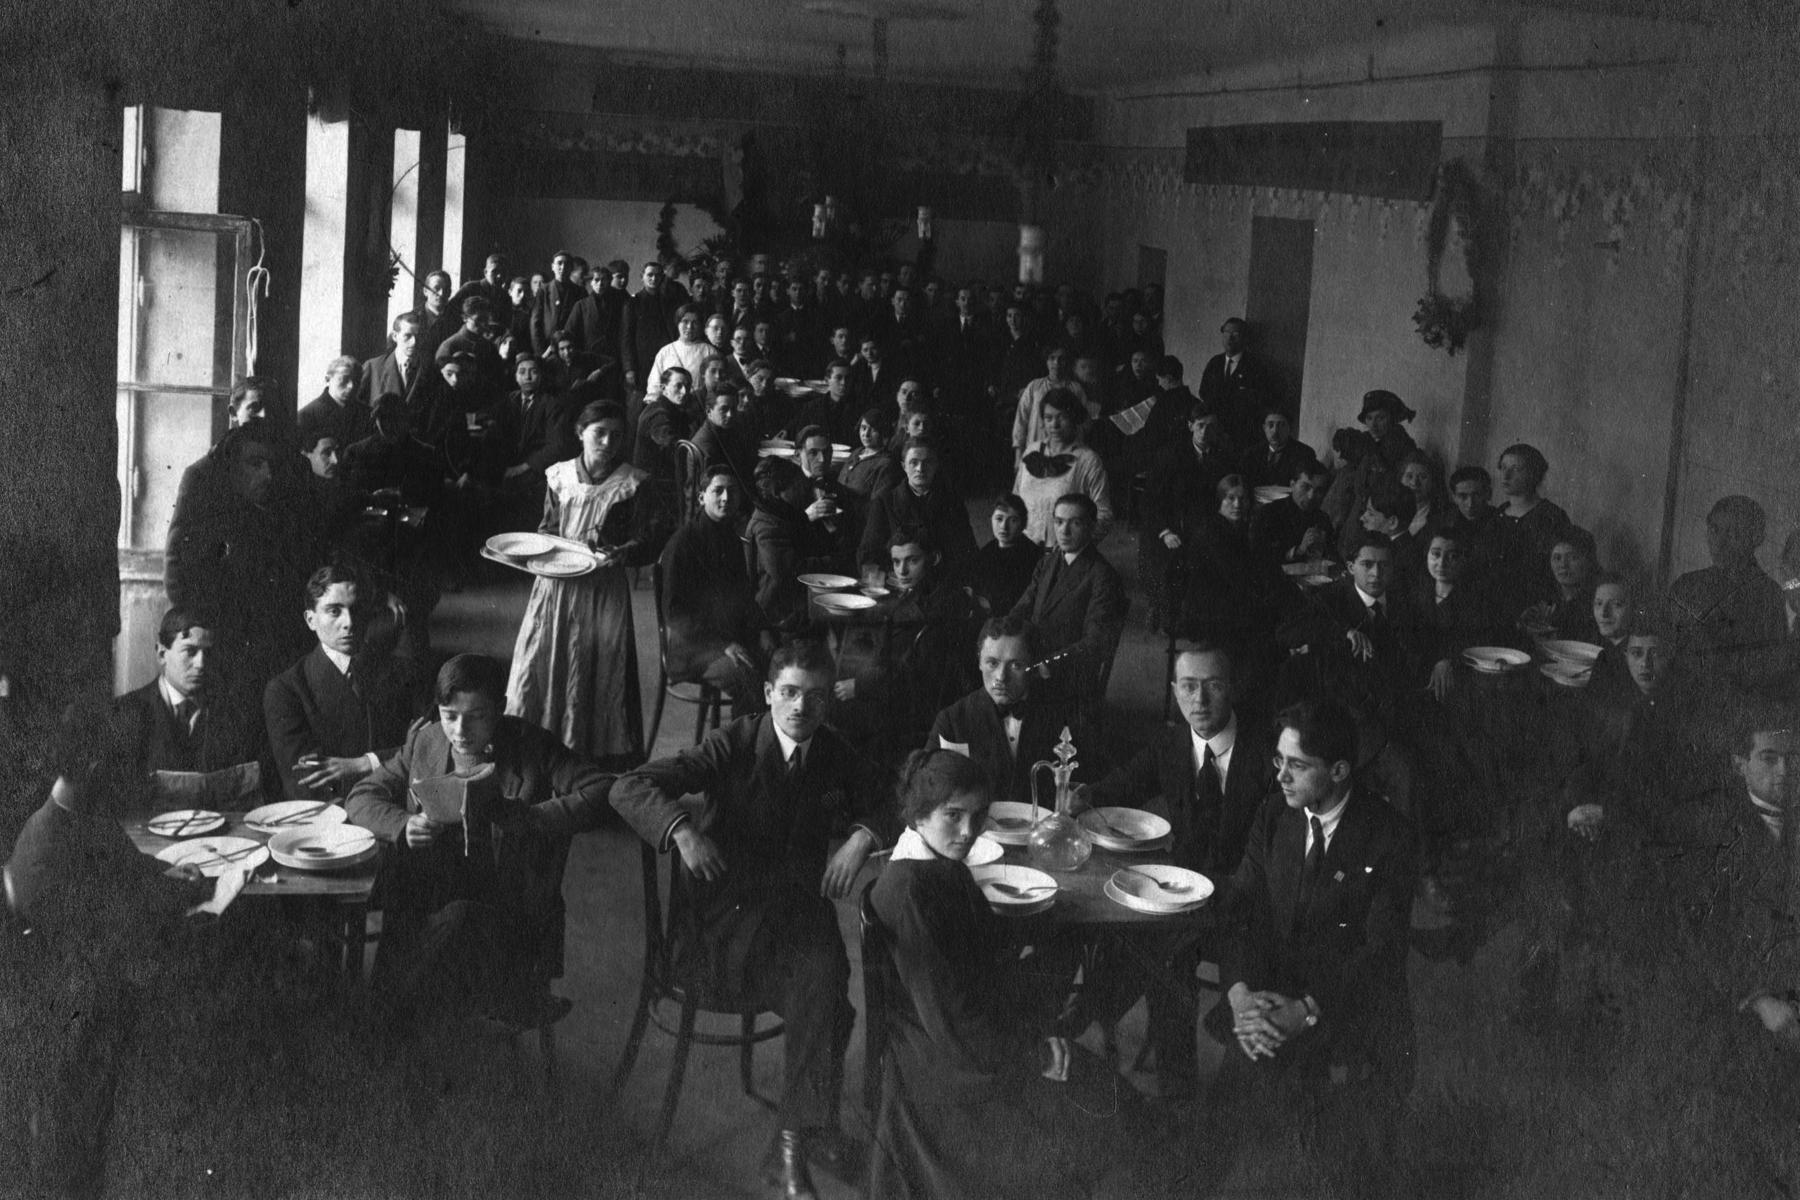 Réunion du parti travailliste sioniste à Varsovie, Pologne, 1919. Prêt de Frances Nemetz Lew.